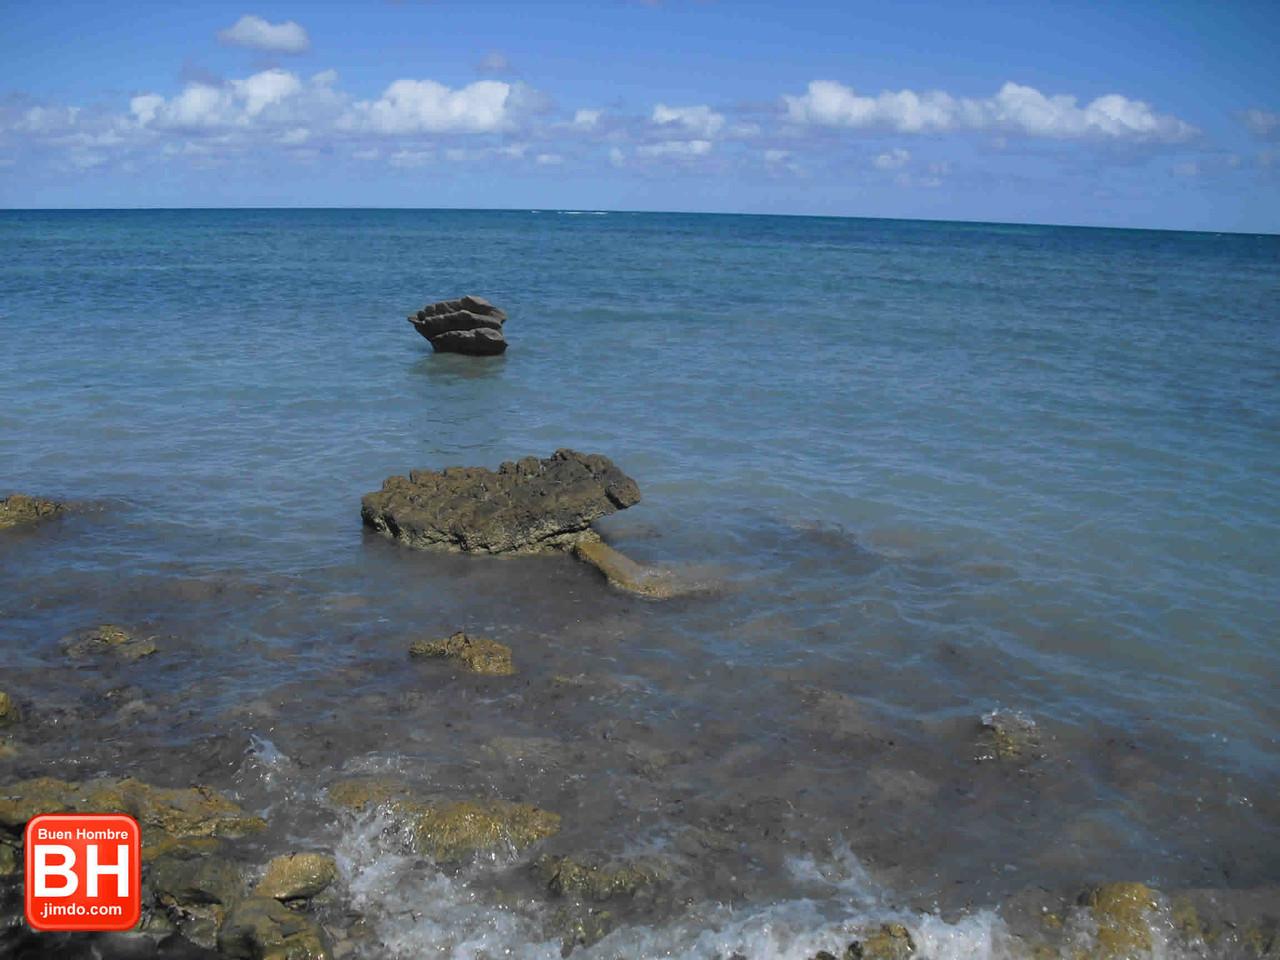 Vista de playa Punte piedra